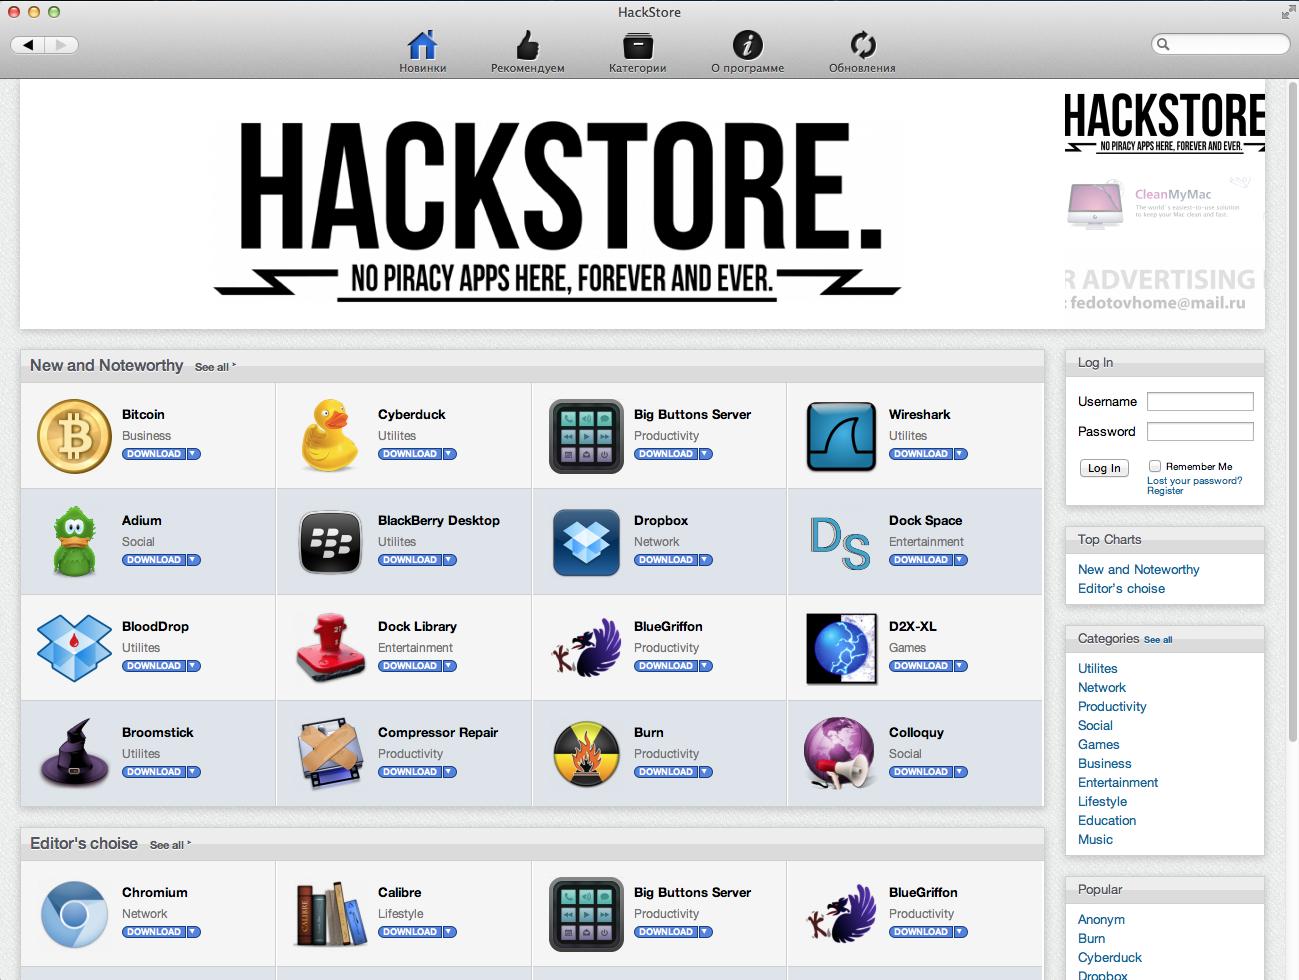 HackStore — Ребрендинг и новые плюшки в весеннем апдейте - 2